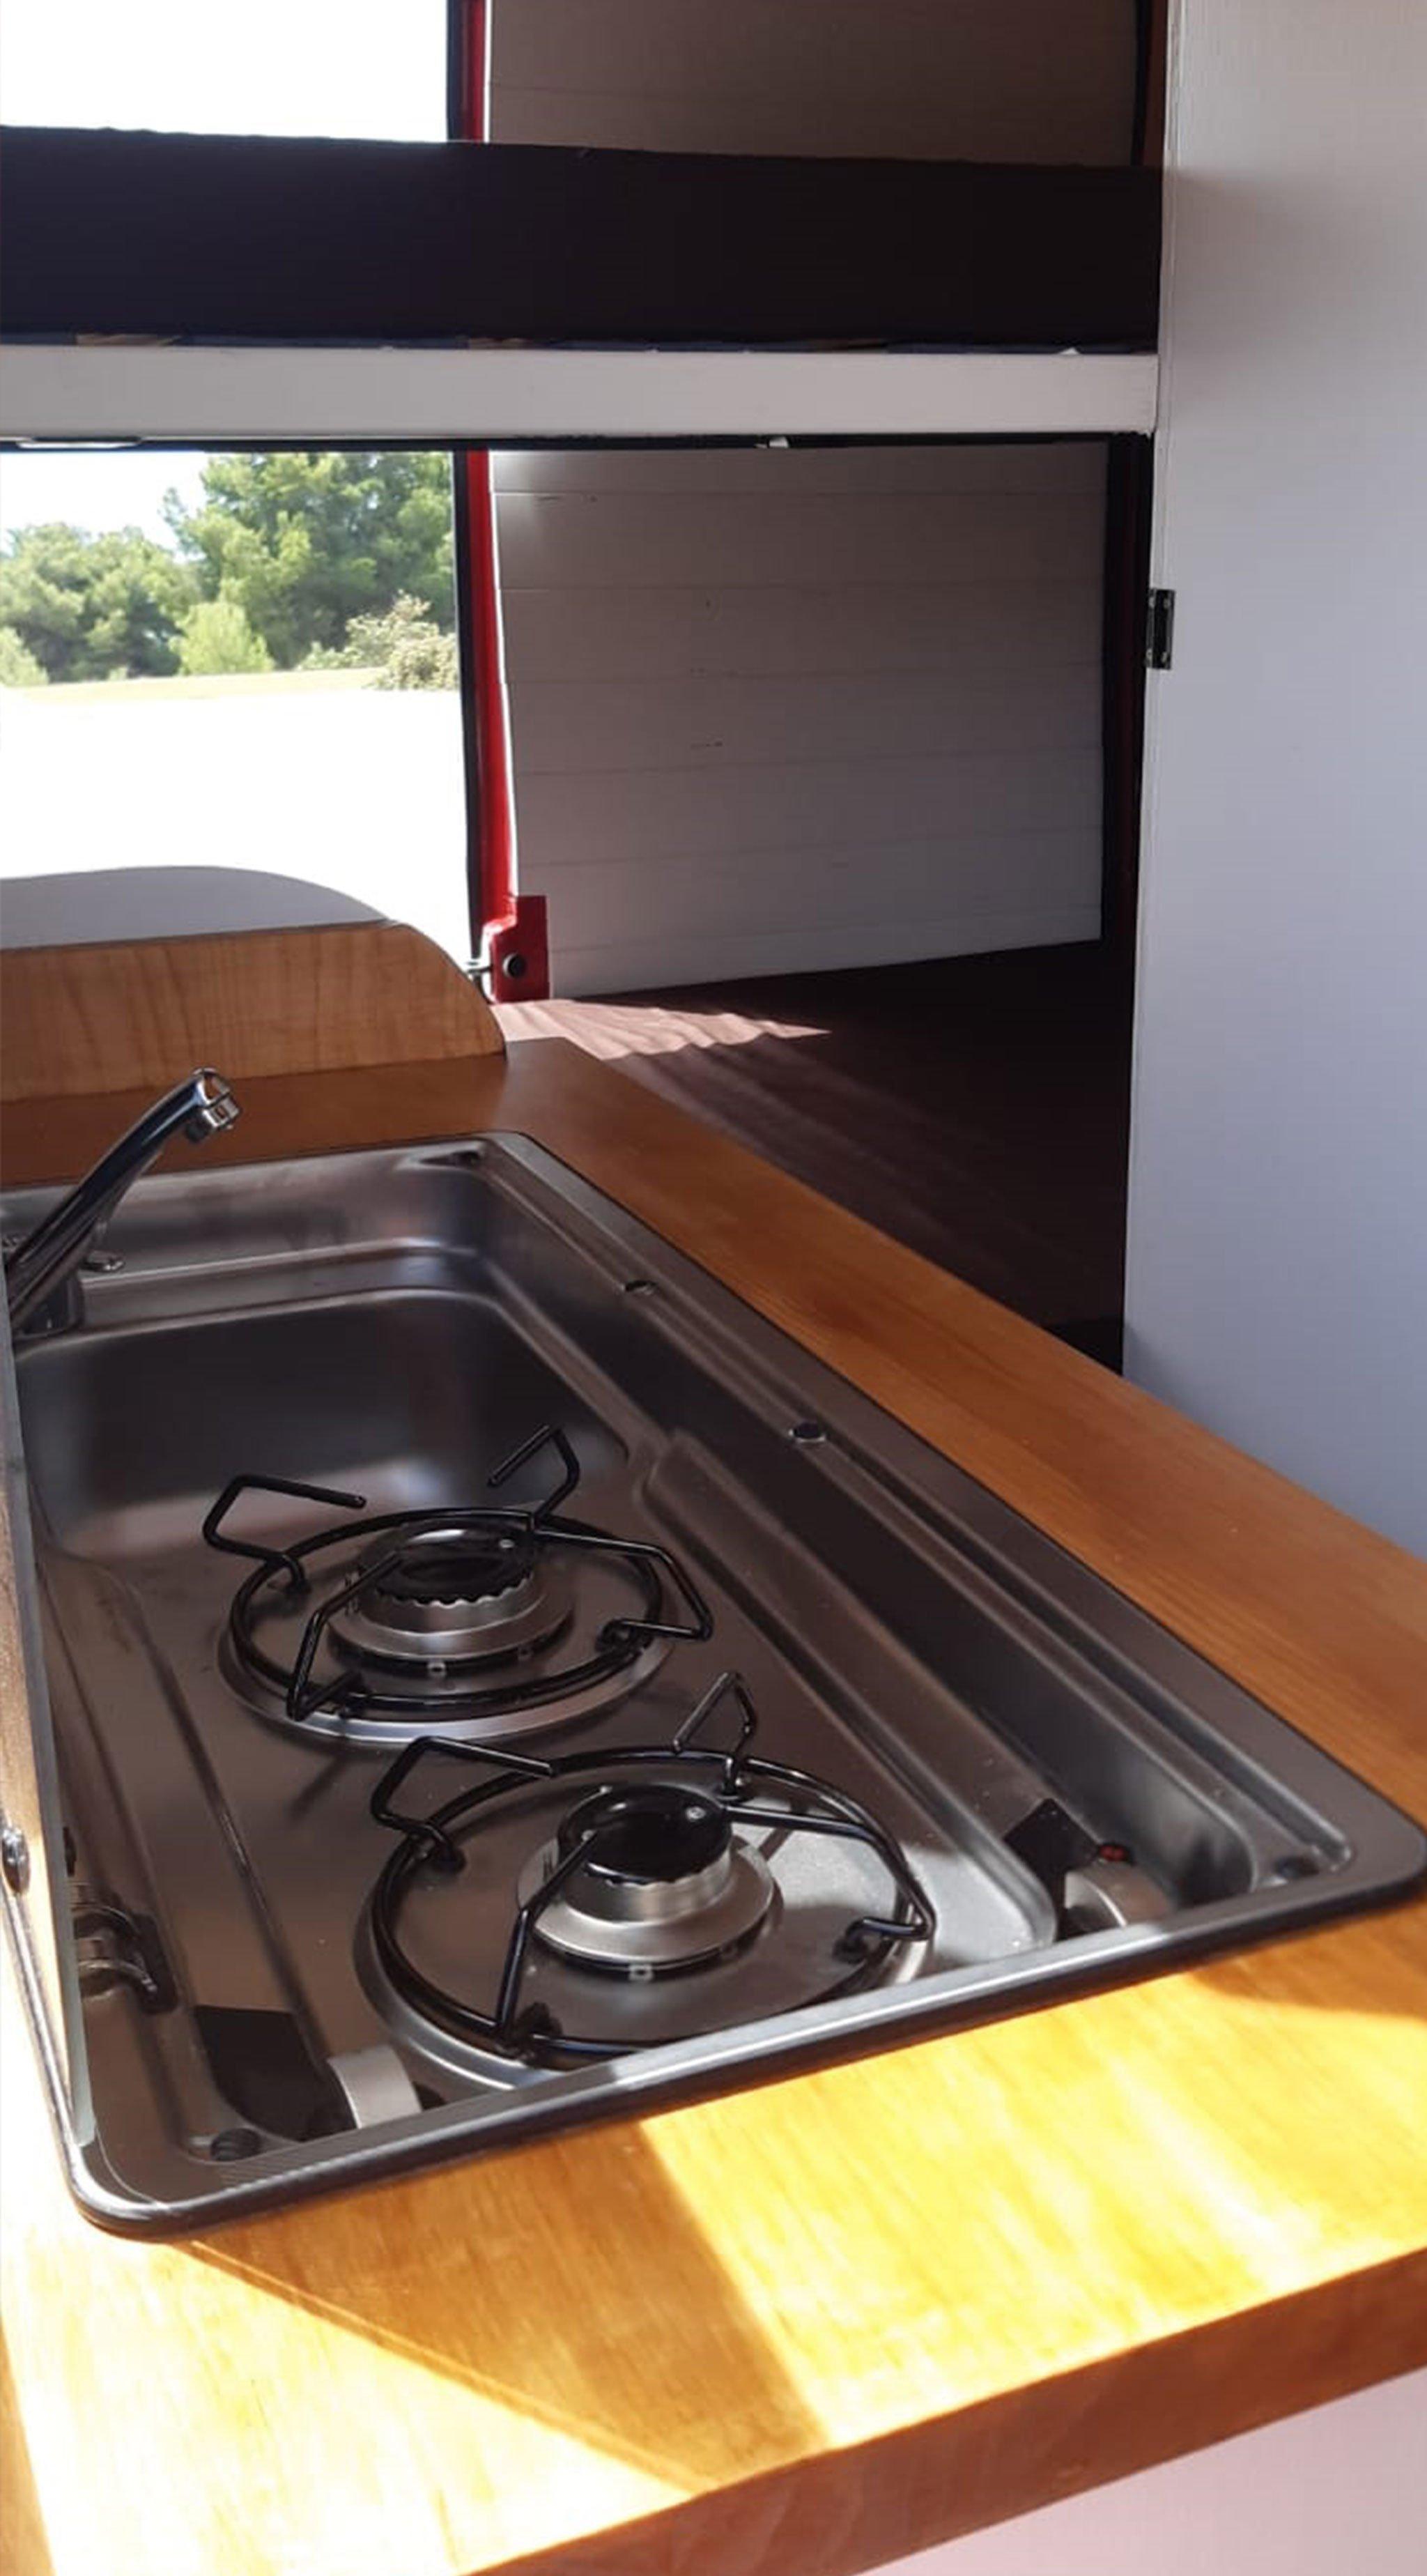 Detalle de la cocina de la nueva furgoneta de Road Trip Adventure